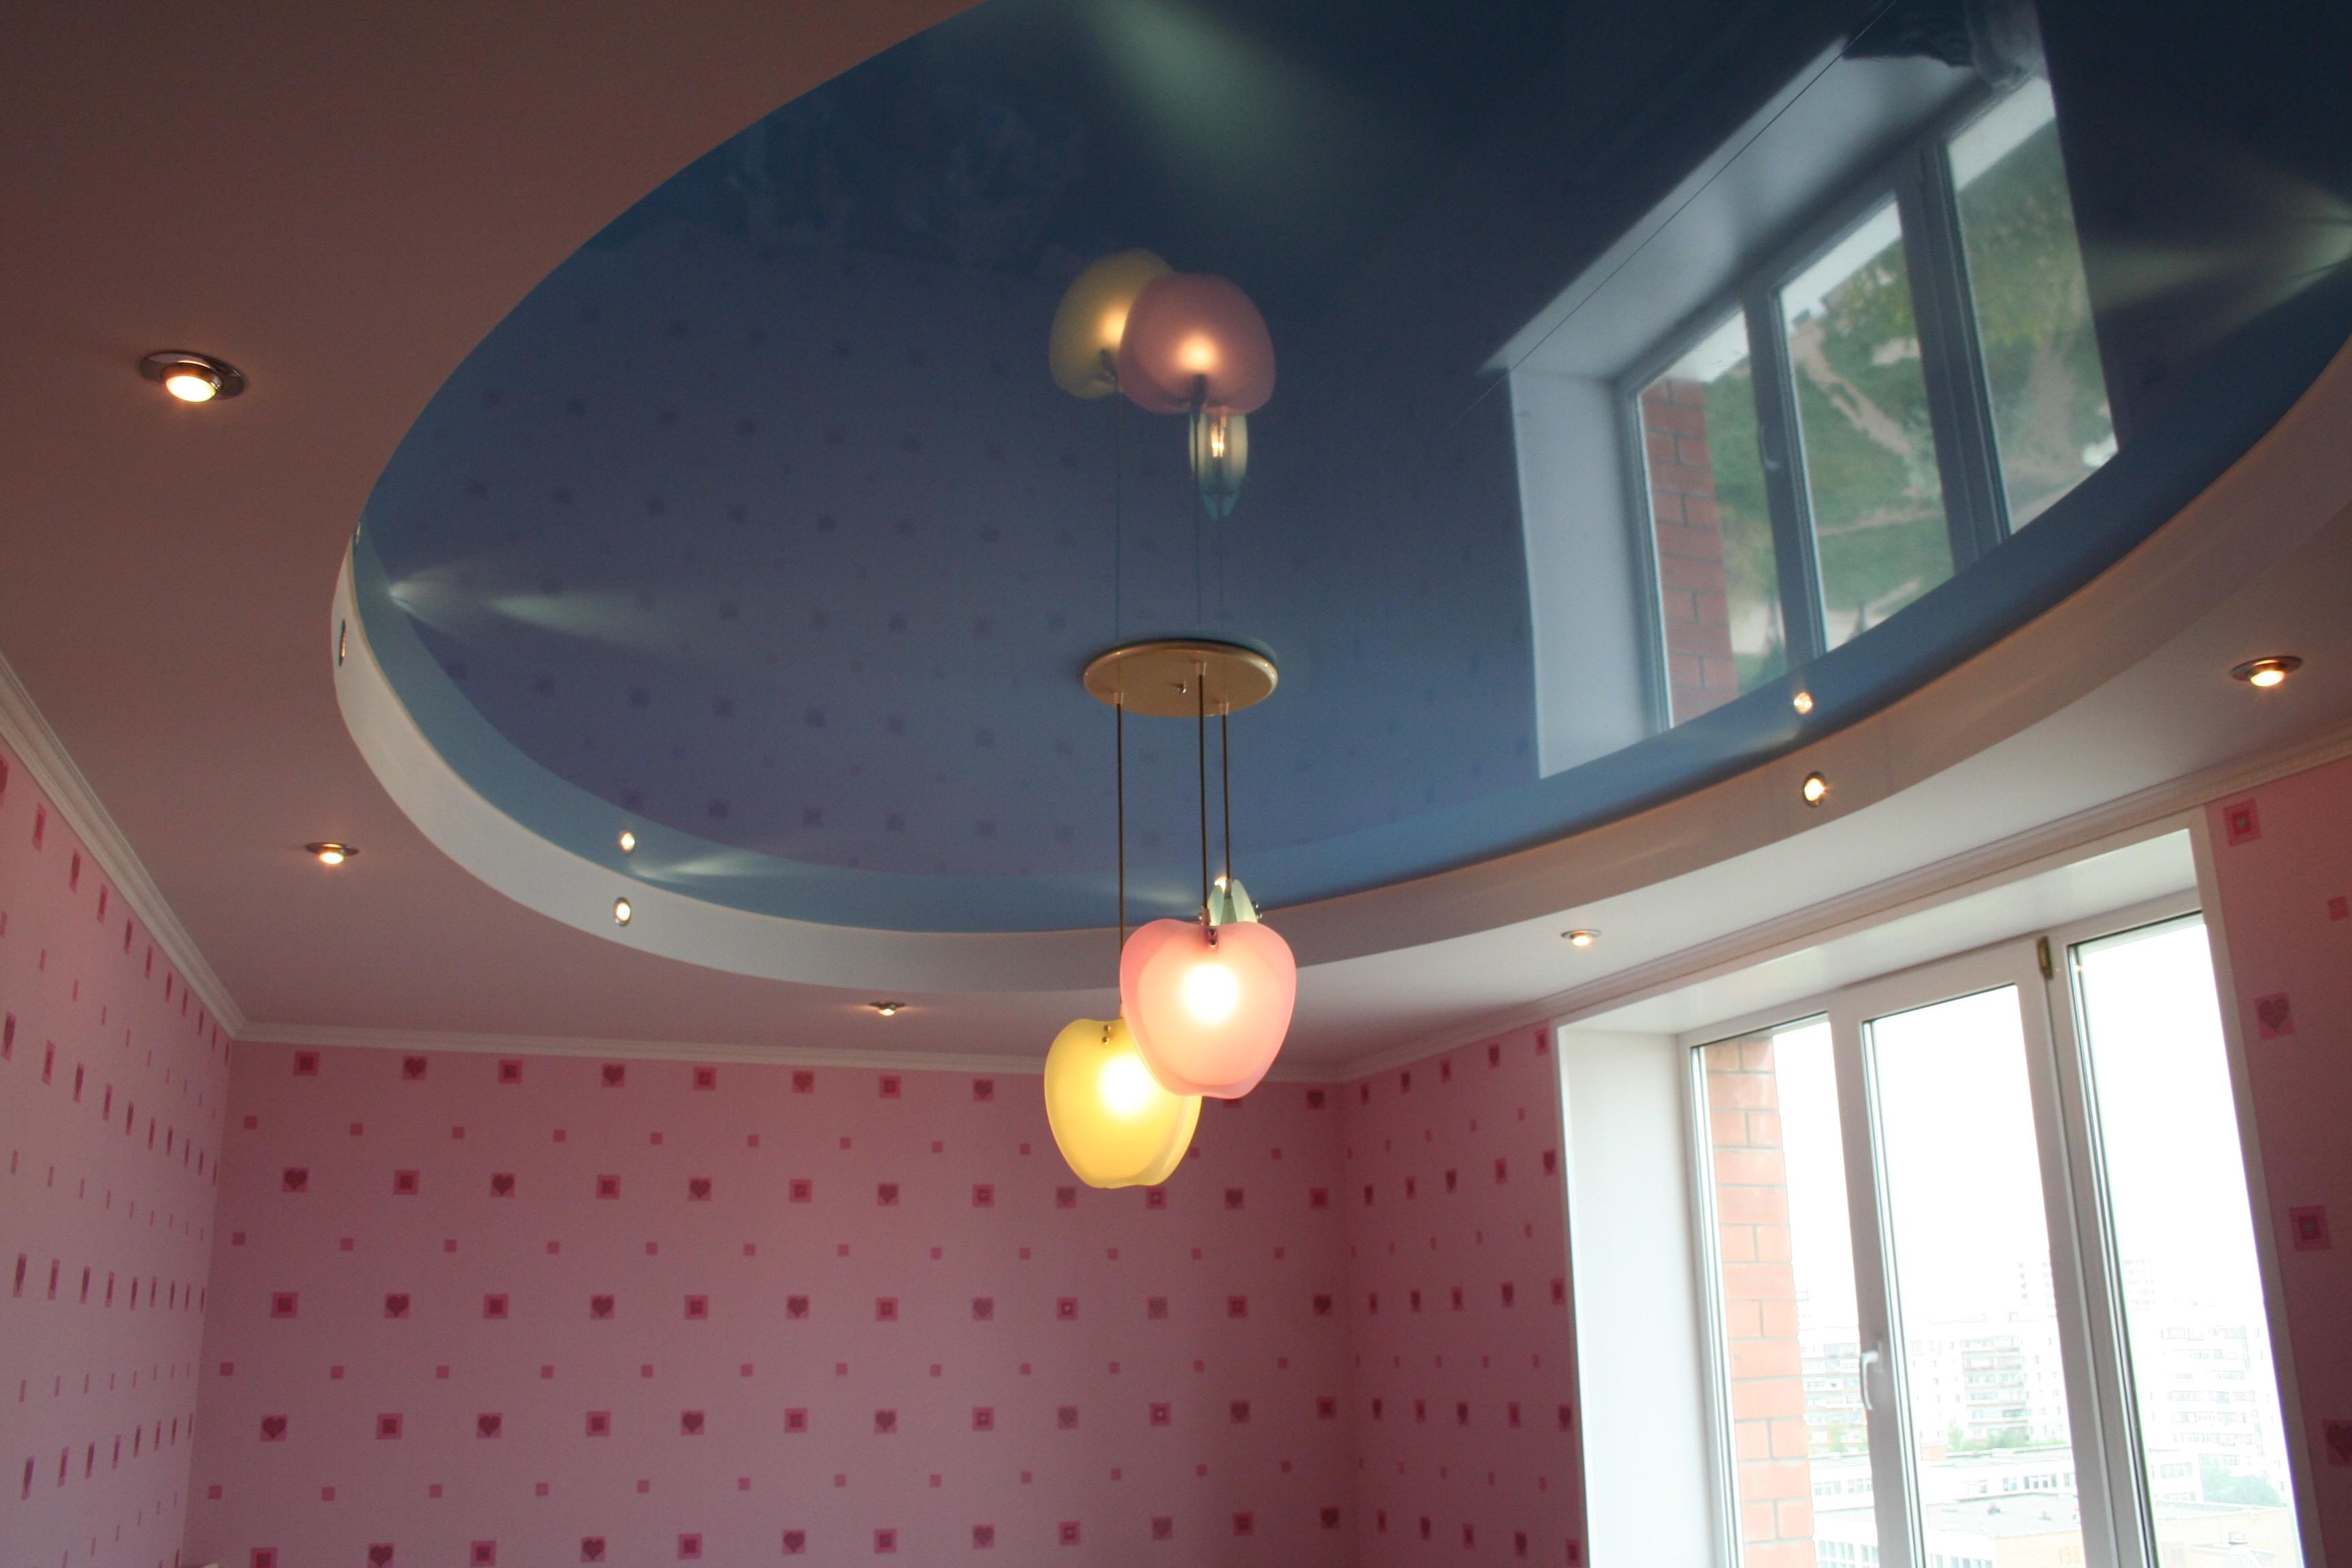 люстры В помещении небольших размеров для натяжных потолков